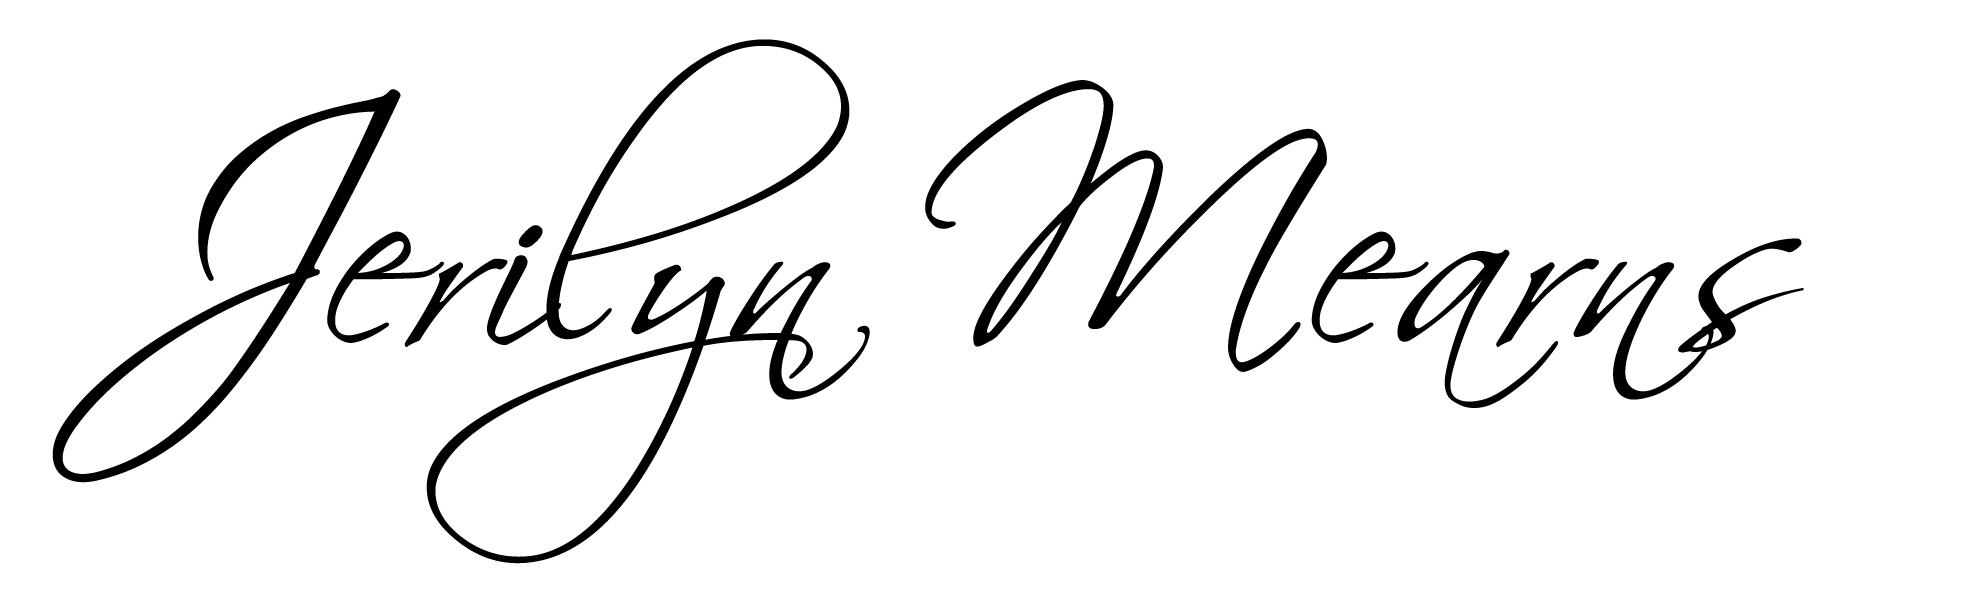 Jeri Mearns's Signature